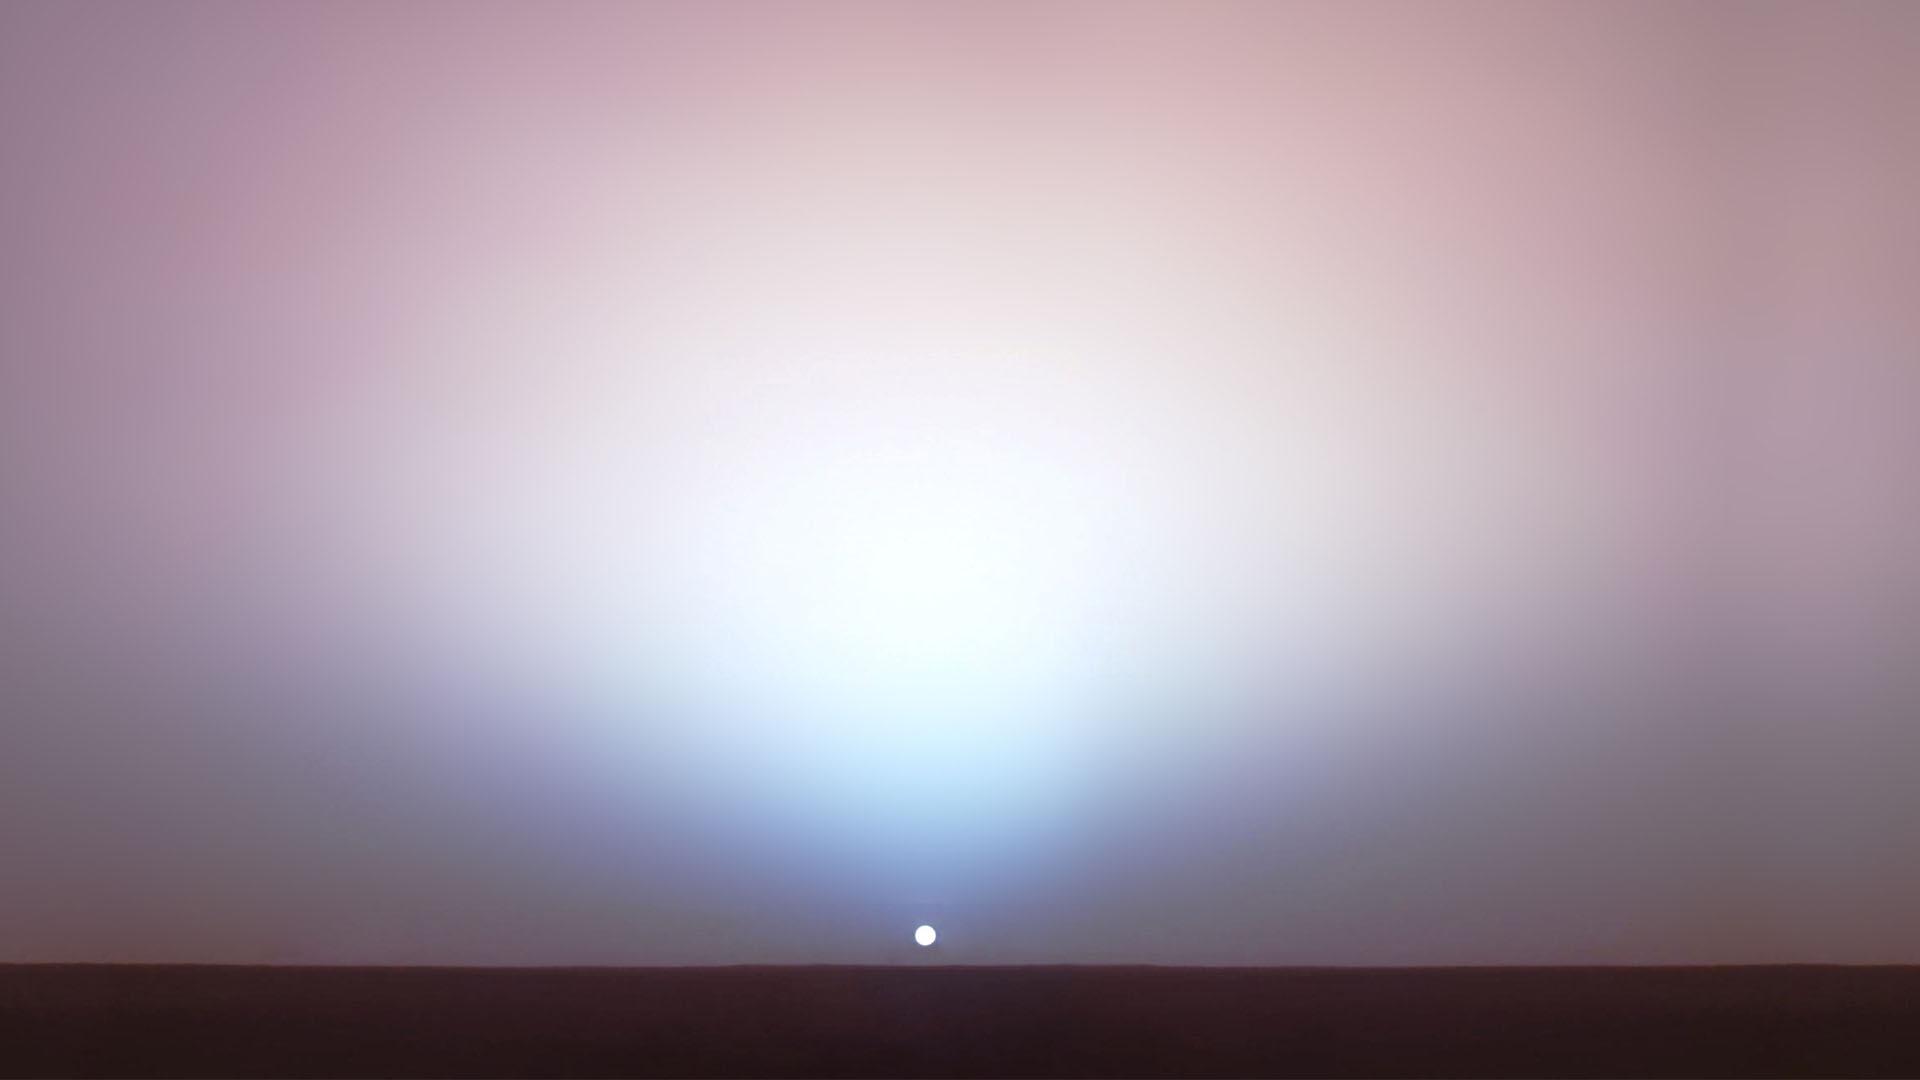 Sunset on mars wallpaper kamakawida - Mars sunset wallpaper ...